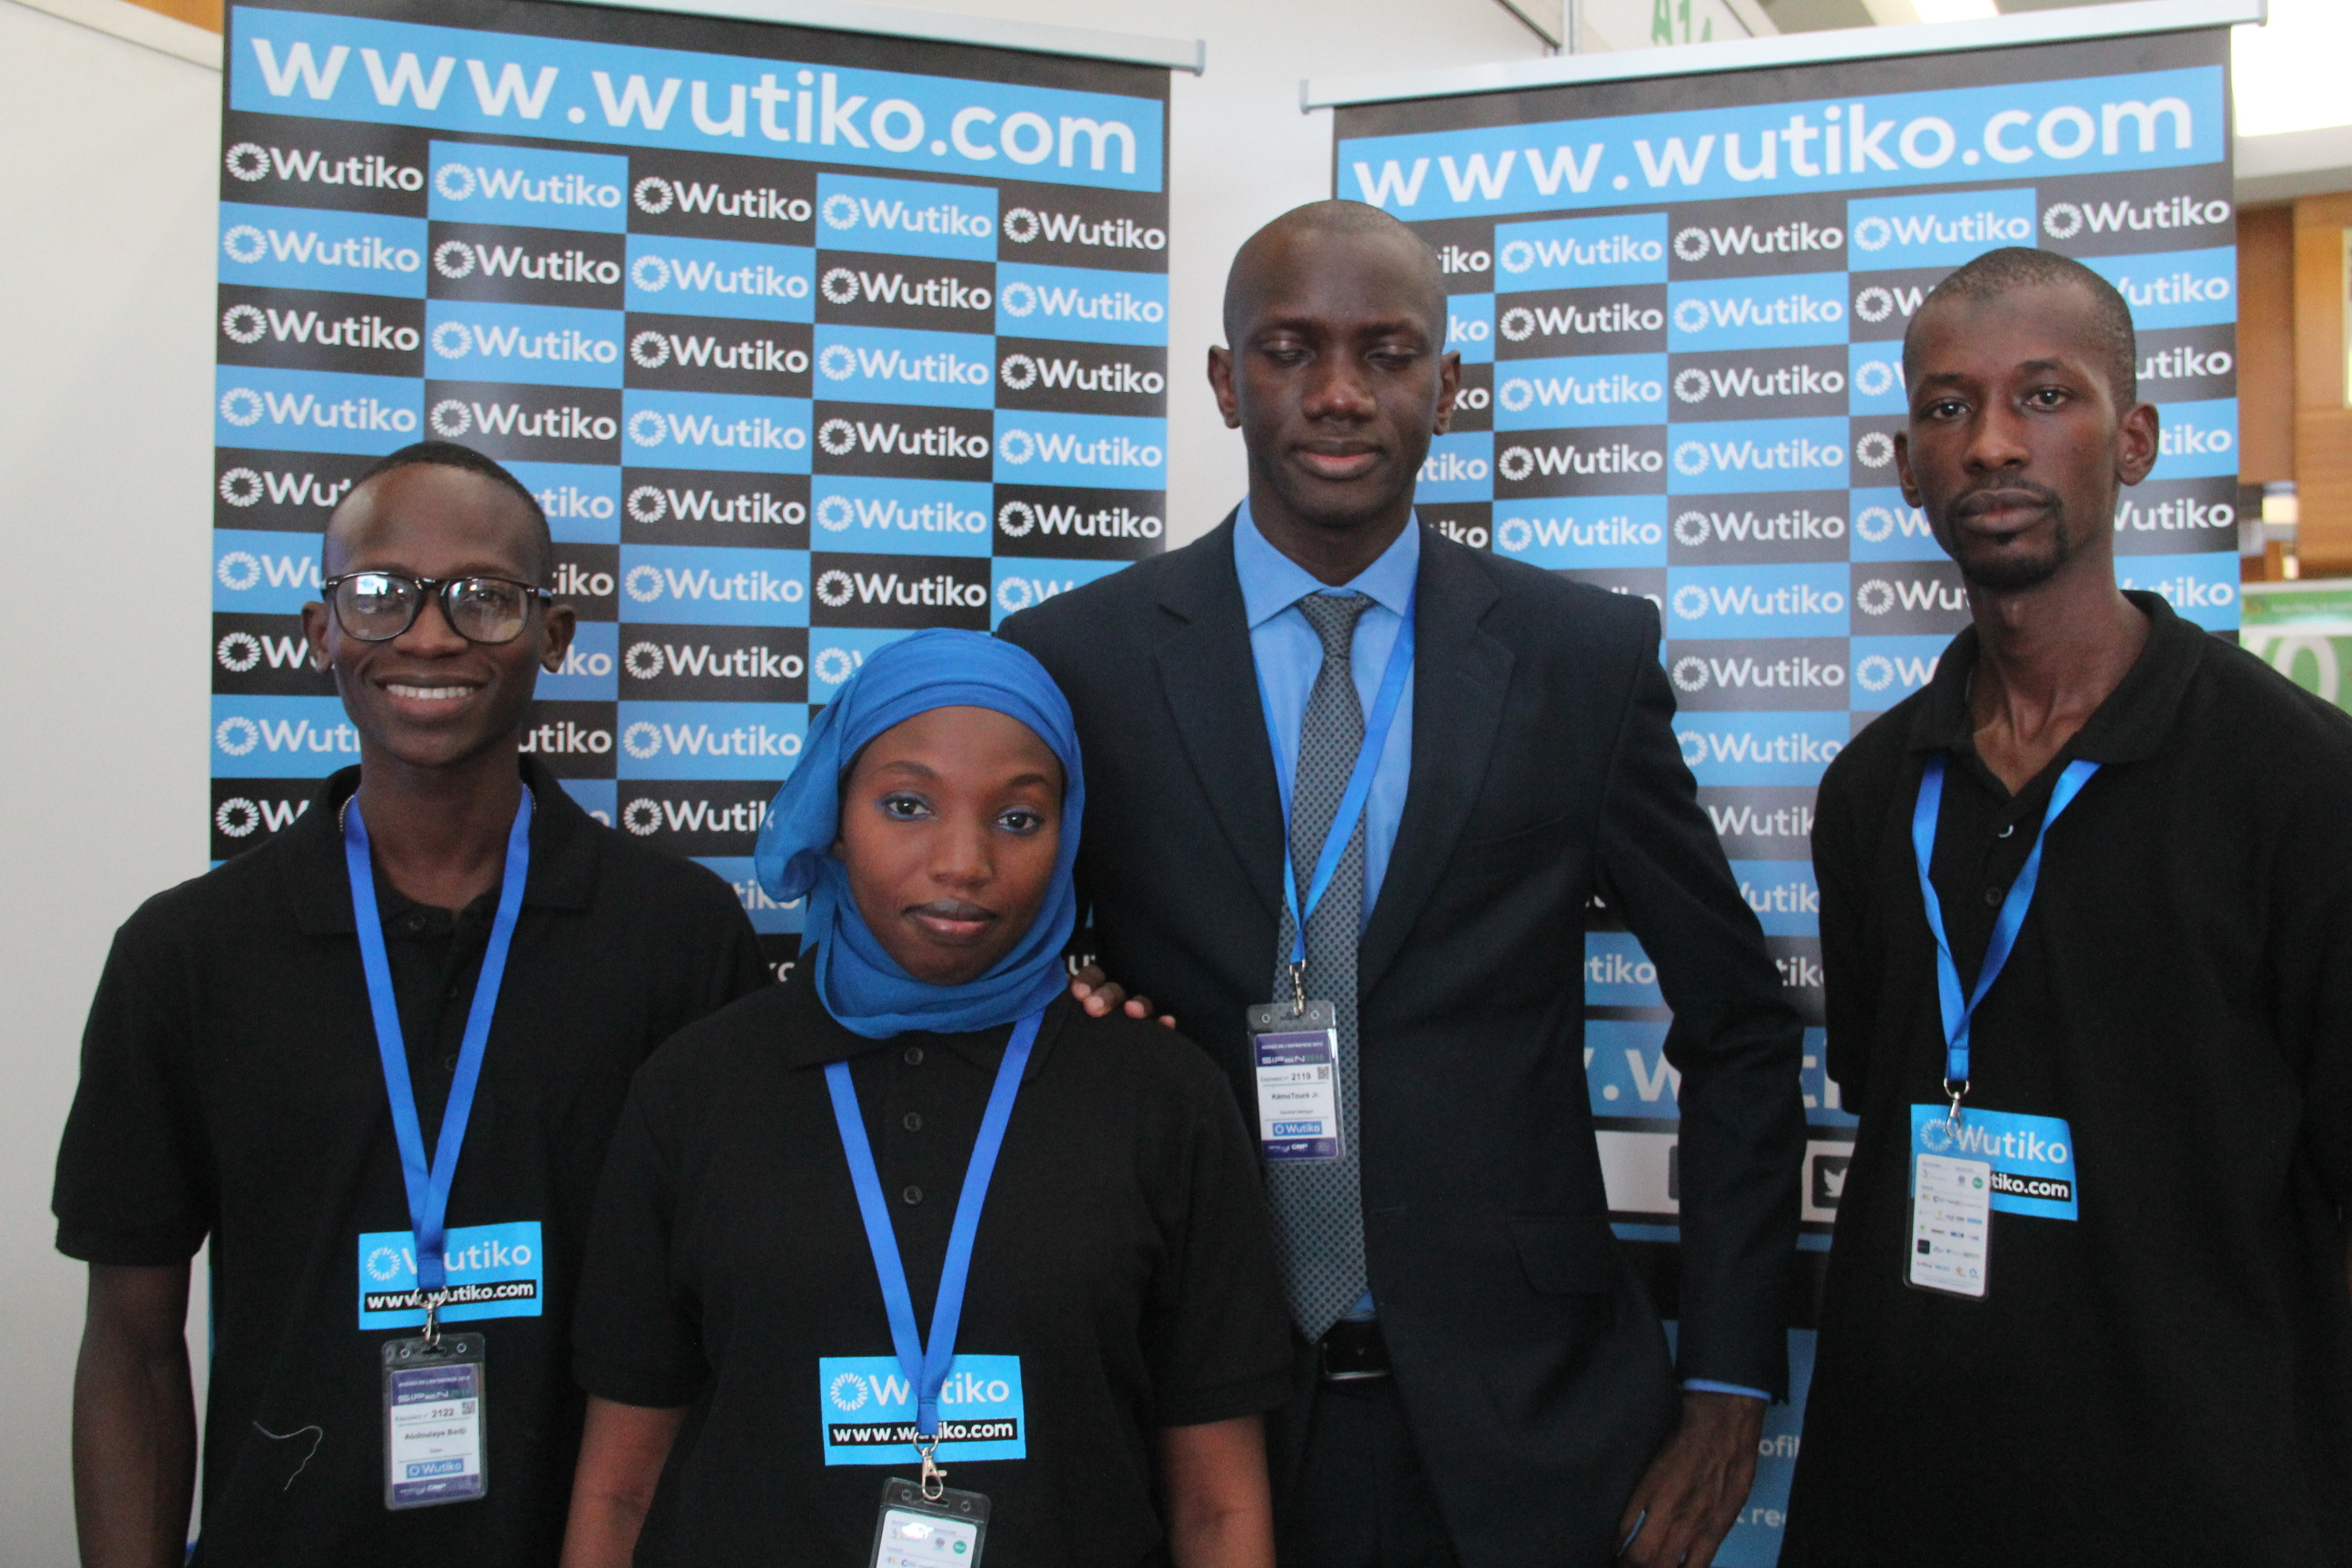 Salon de l'économie numérique : Wutiko et By Filling incontournables